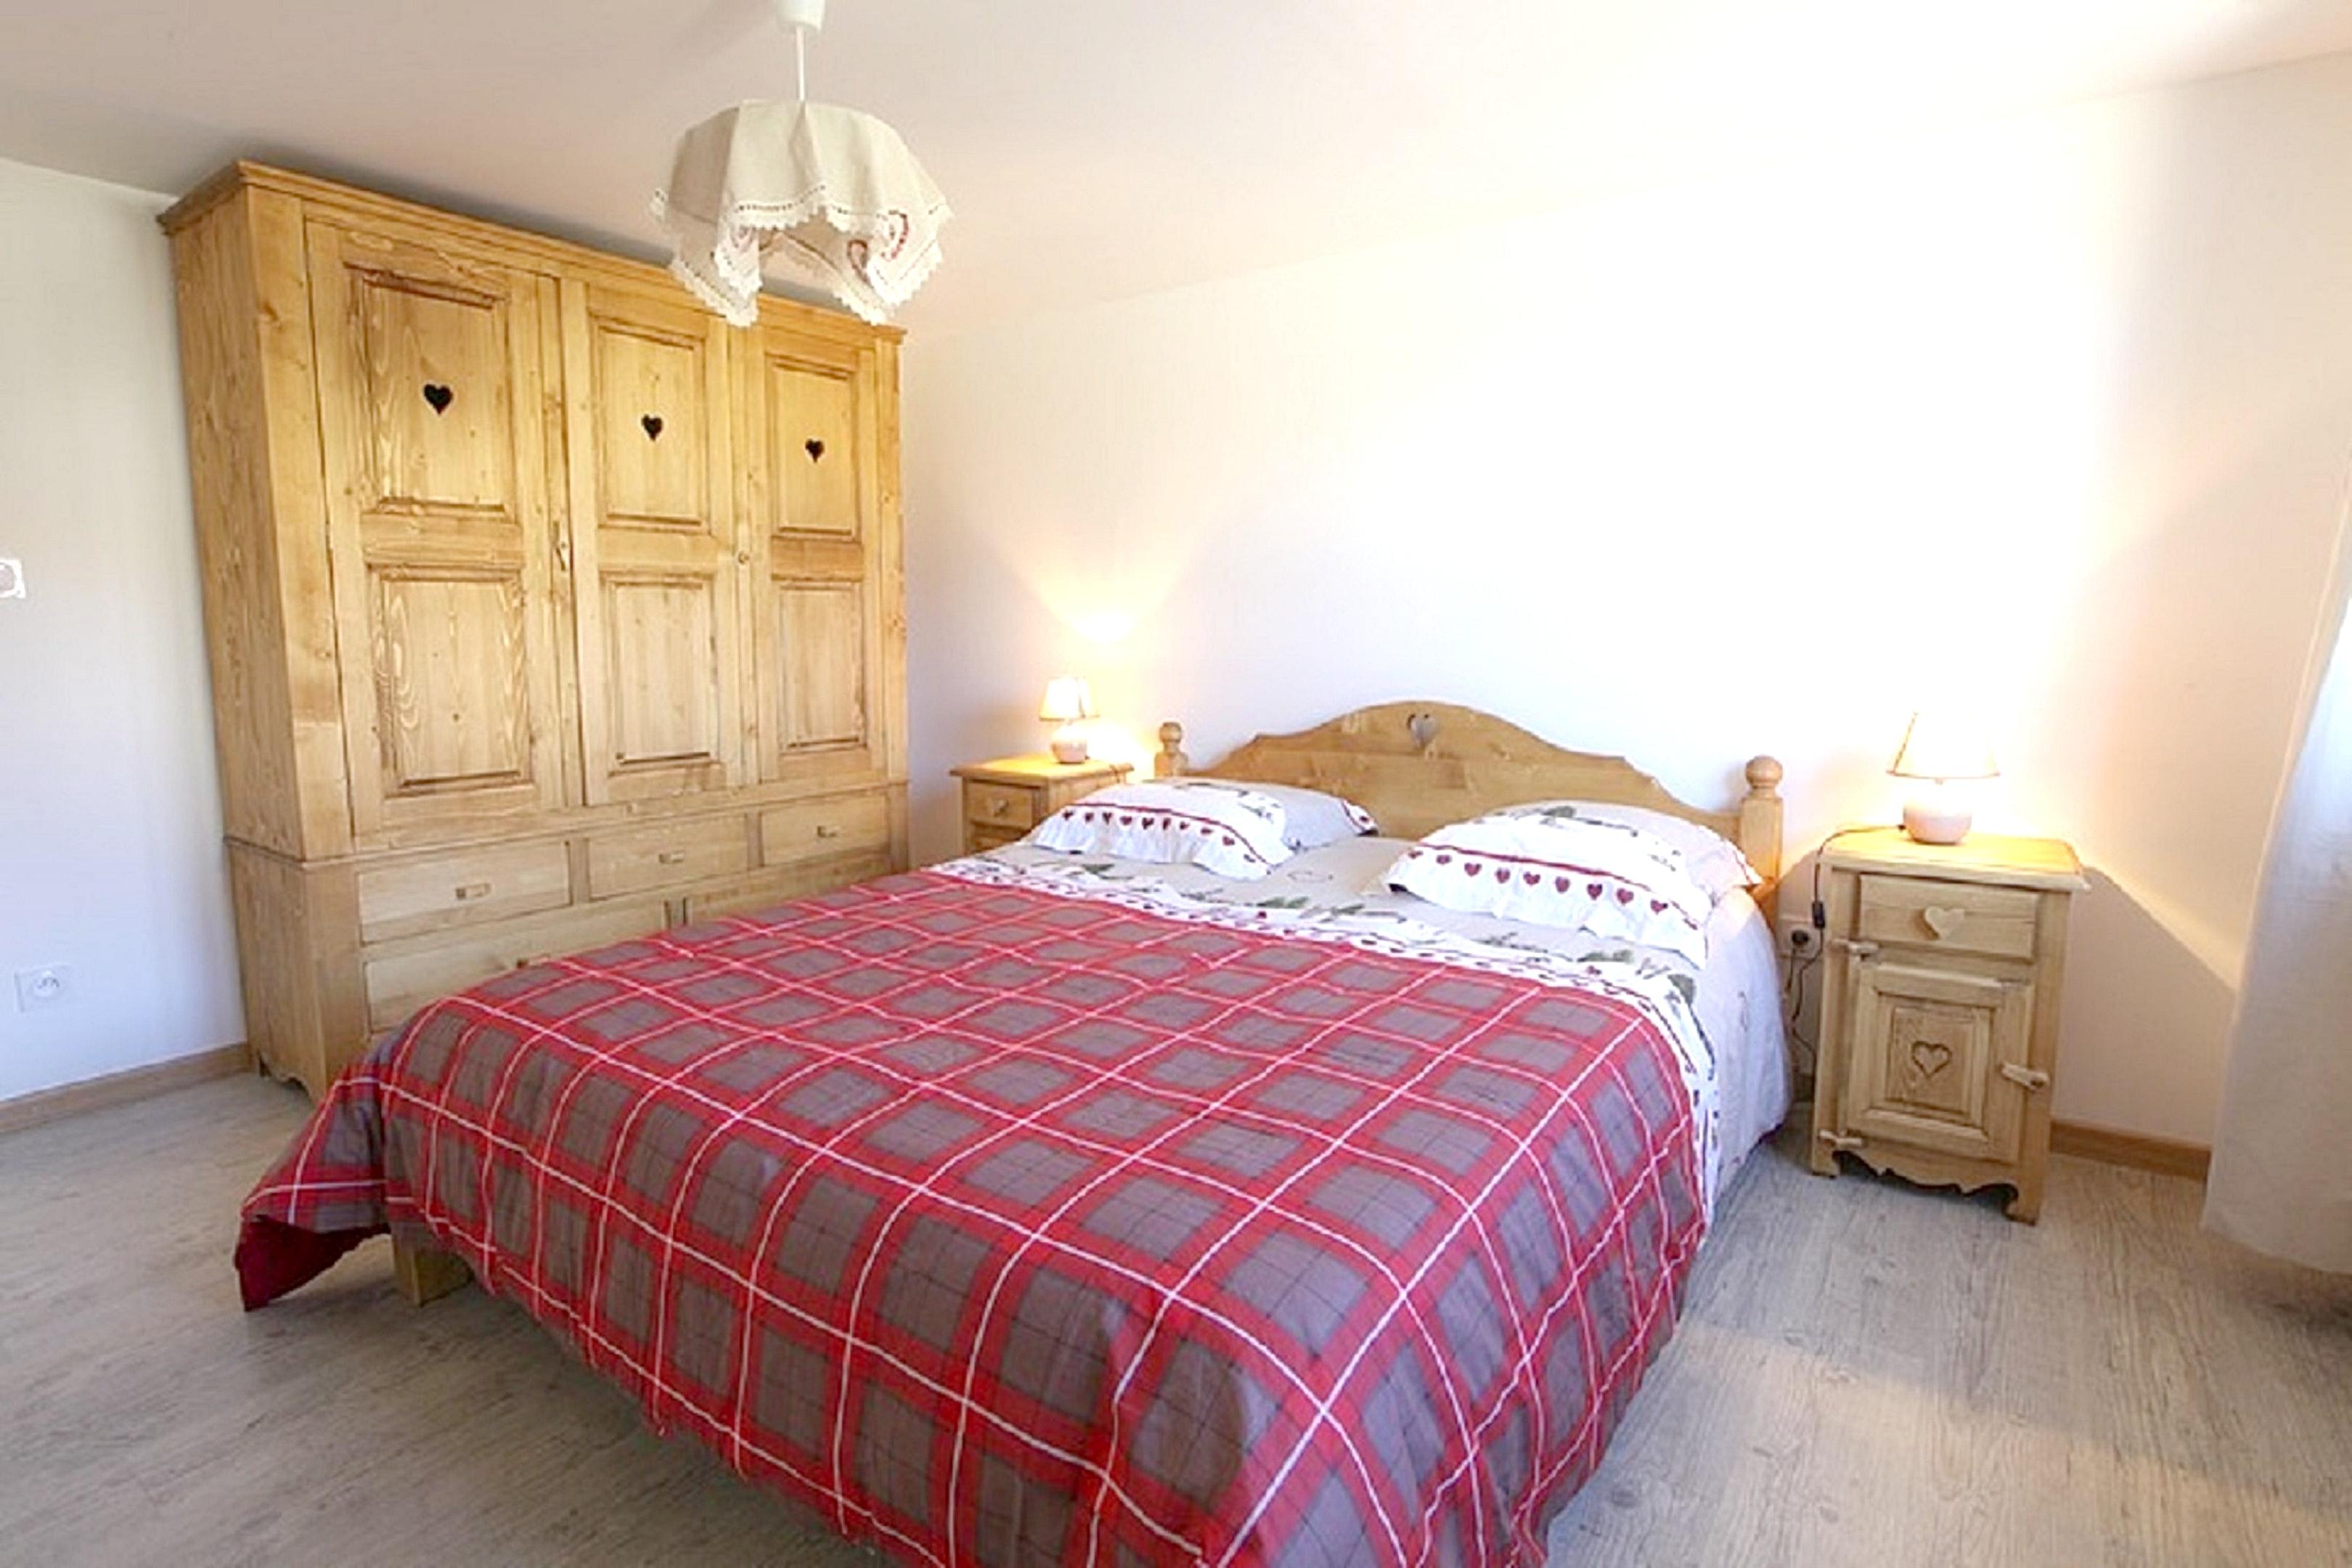 Maison de vacances Hütte mit 7 Schlafzimmern in Les Moussières mit toller Aussicht auf die Berge, möblierter  (2677371), Les Moussières, Jura, Franche-Comté, France, image 6